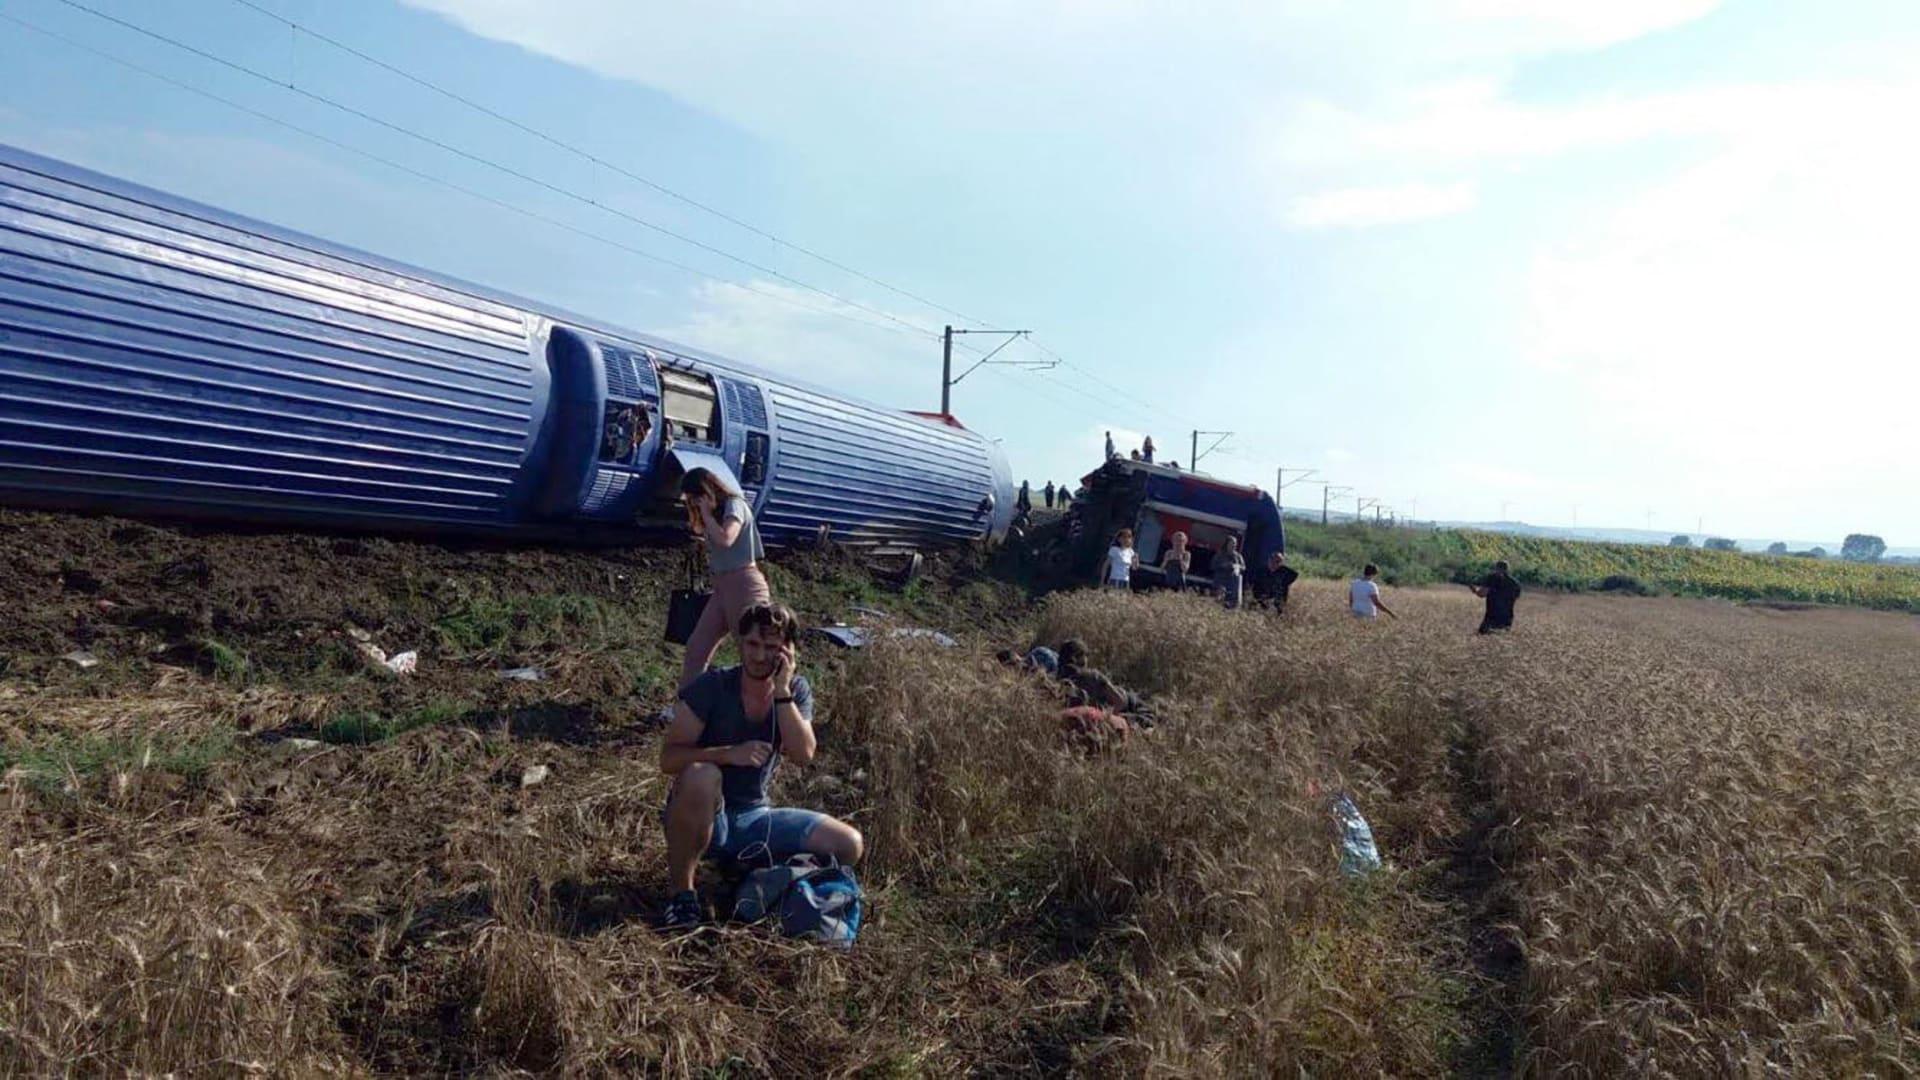 مقتل 10 أشخاص وإصابة 73 بخروج قطار عن مساره في تركيا